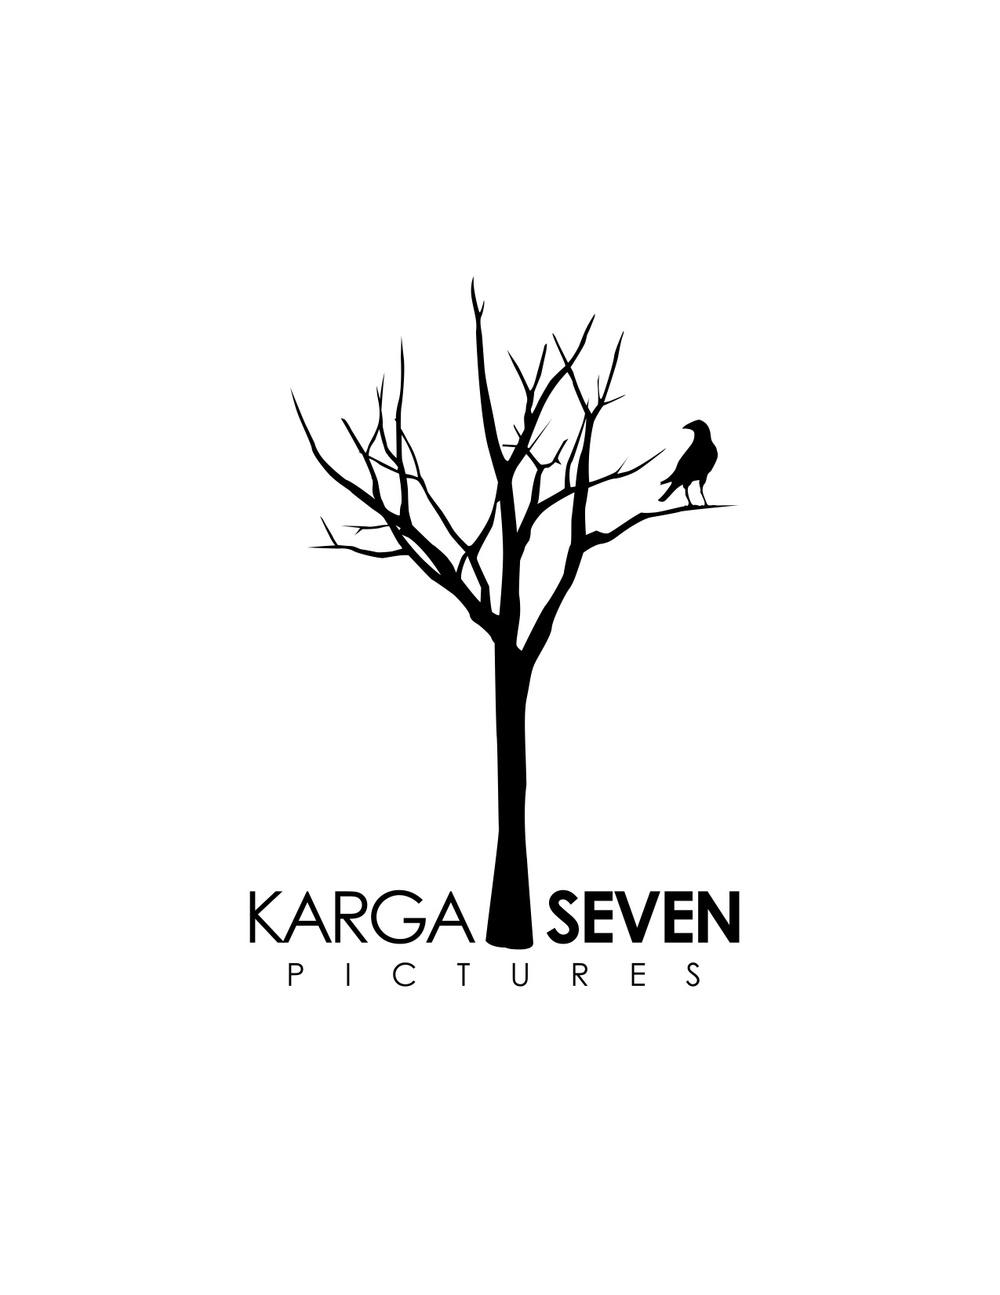 Karga Full_logo.jpg